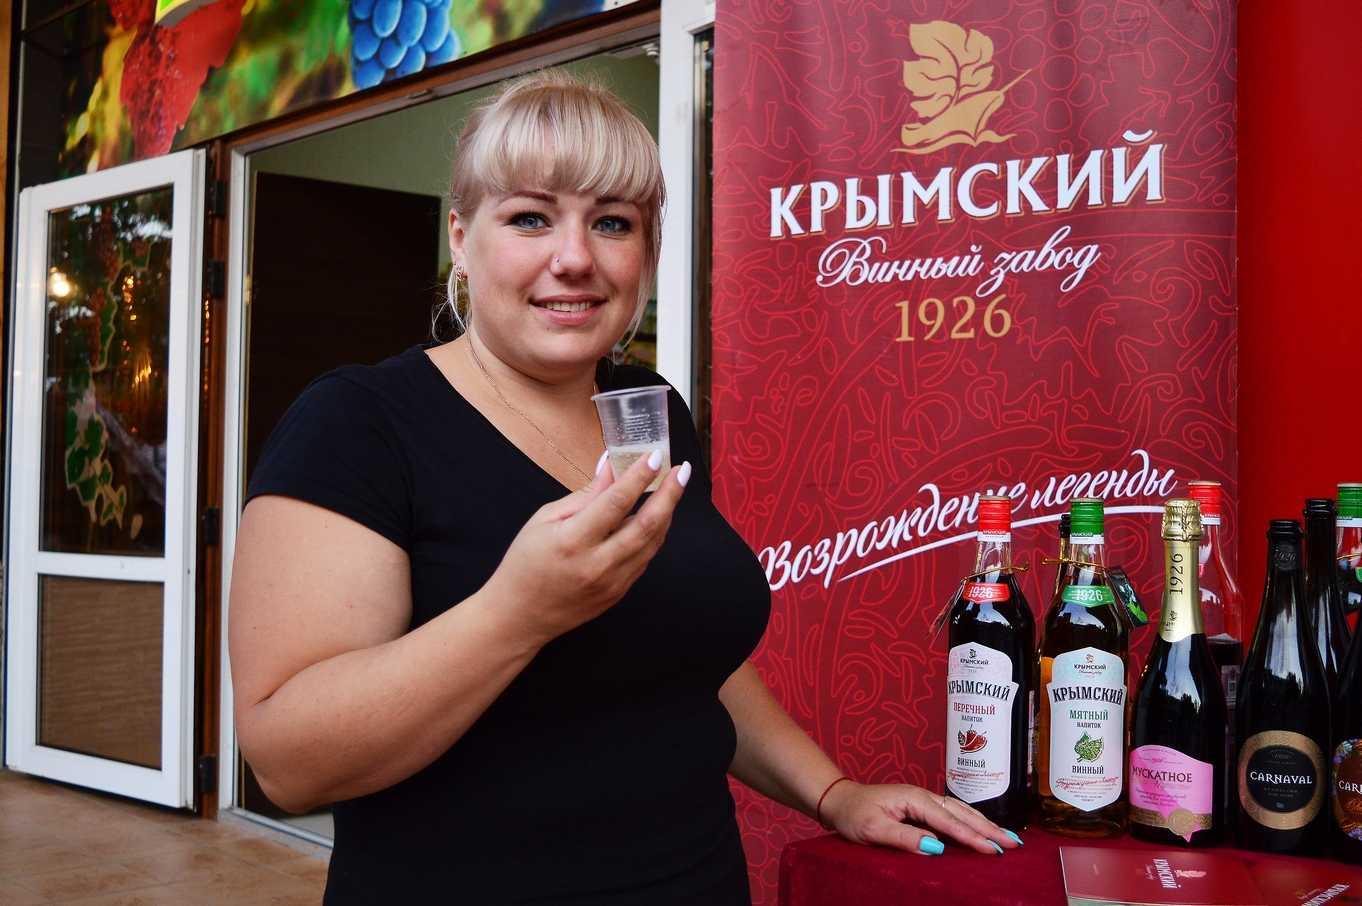 Сезон 2017 дегустация вин Крымского винного завода с.Дивноморское